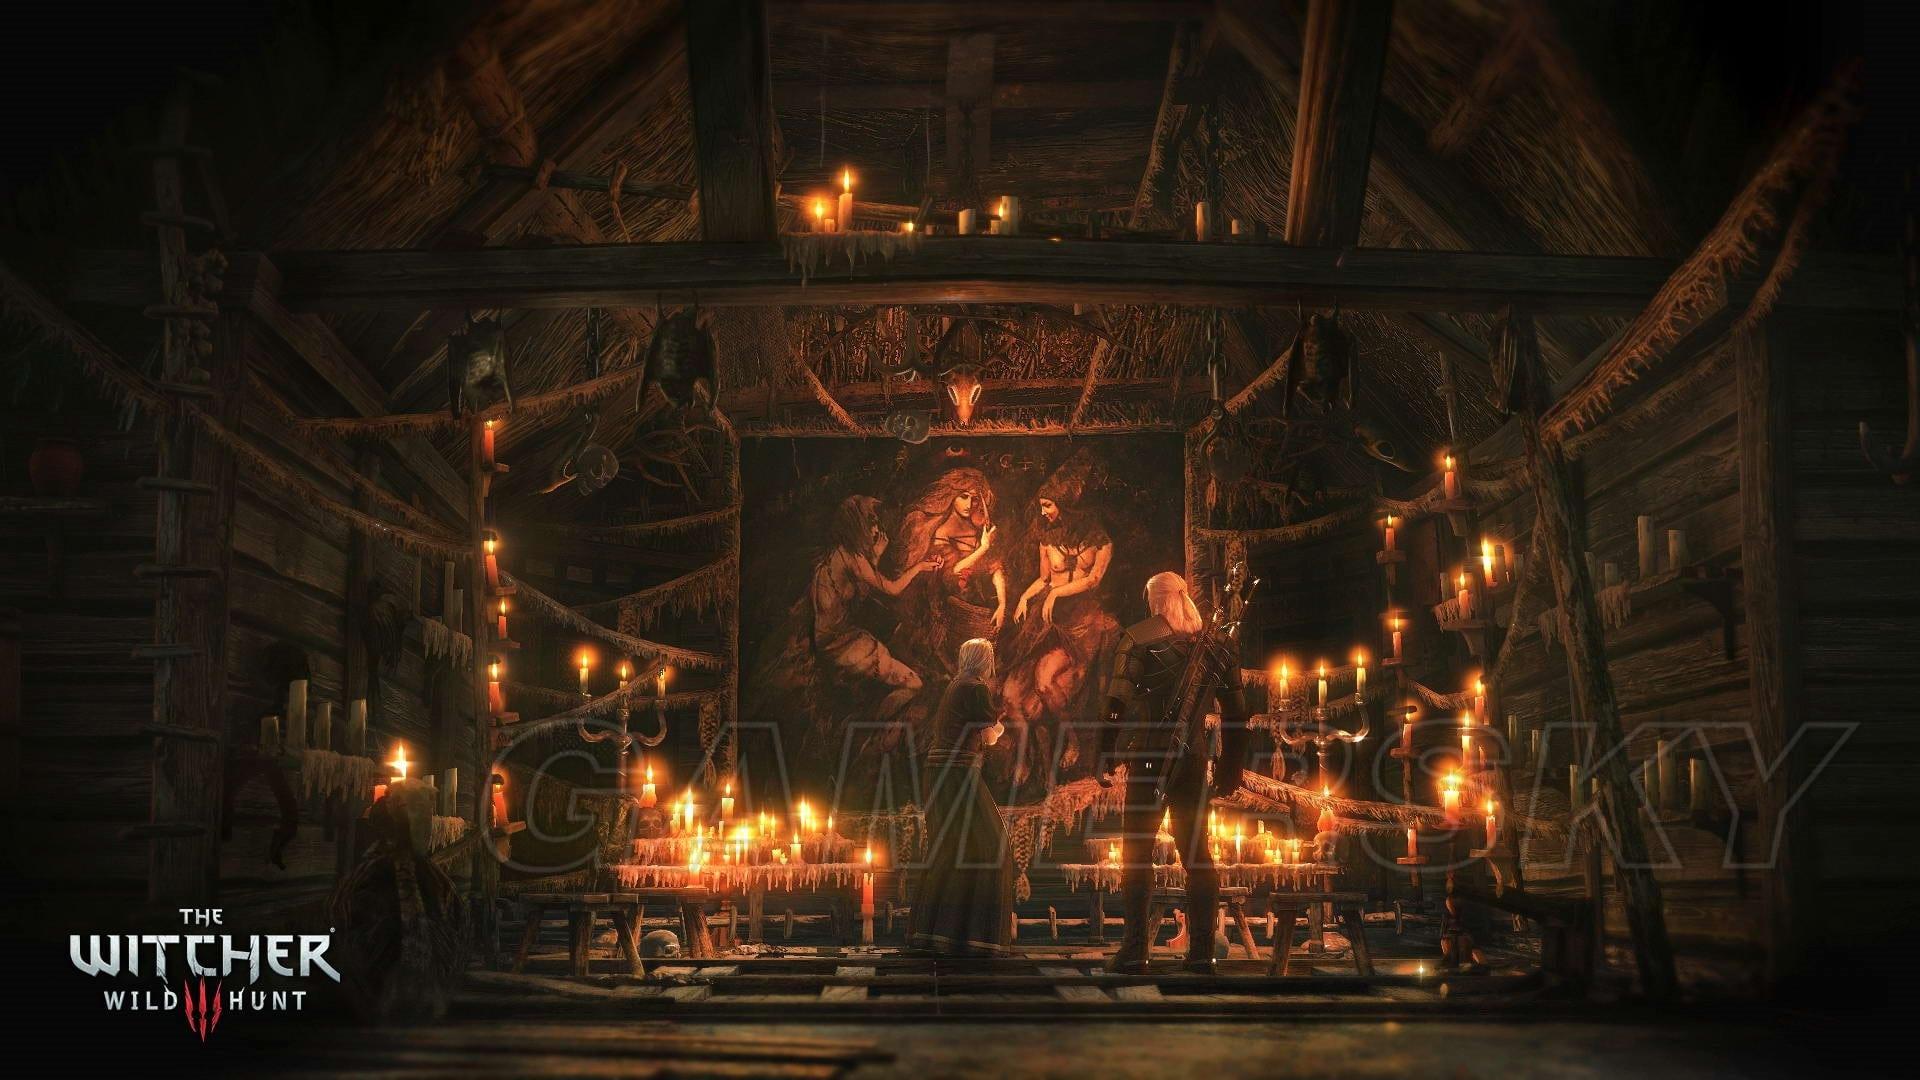 巫師3 細節及趣味數據 有什麼好玩的